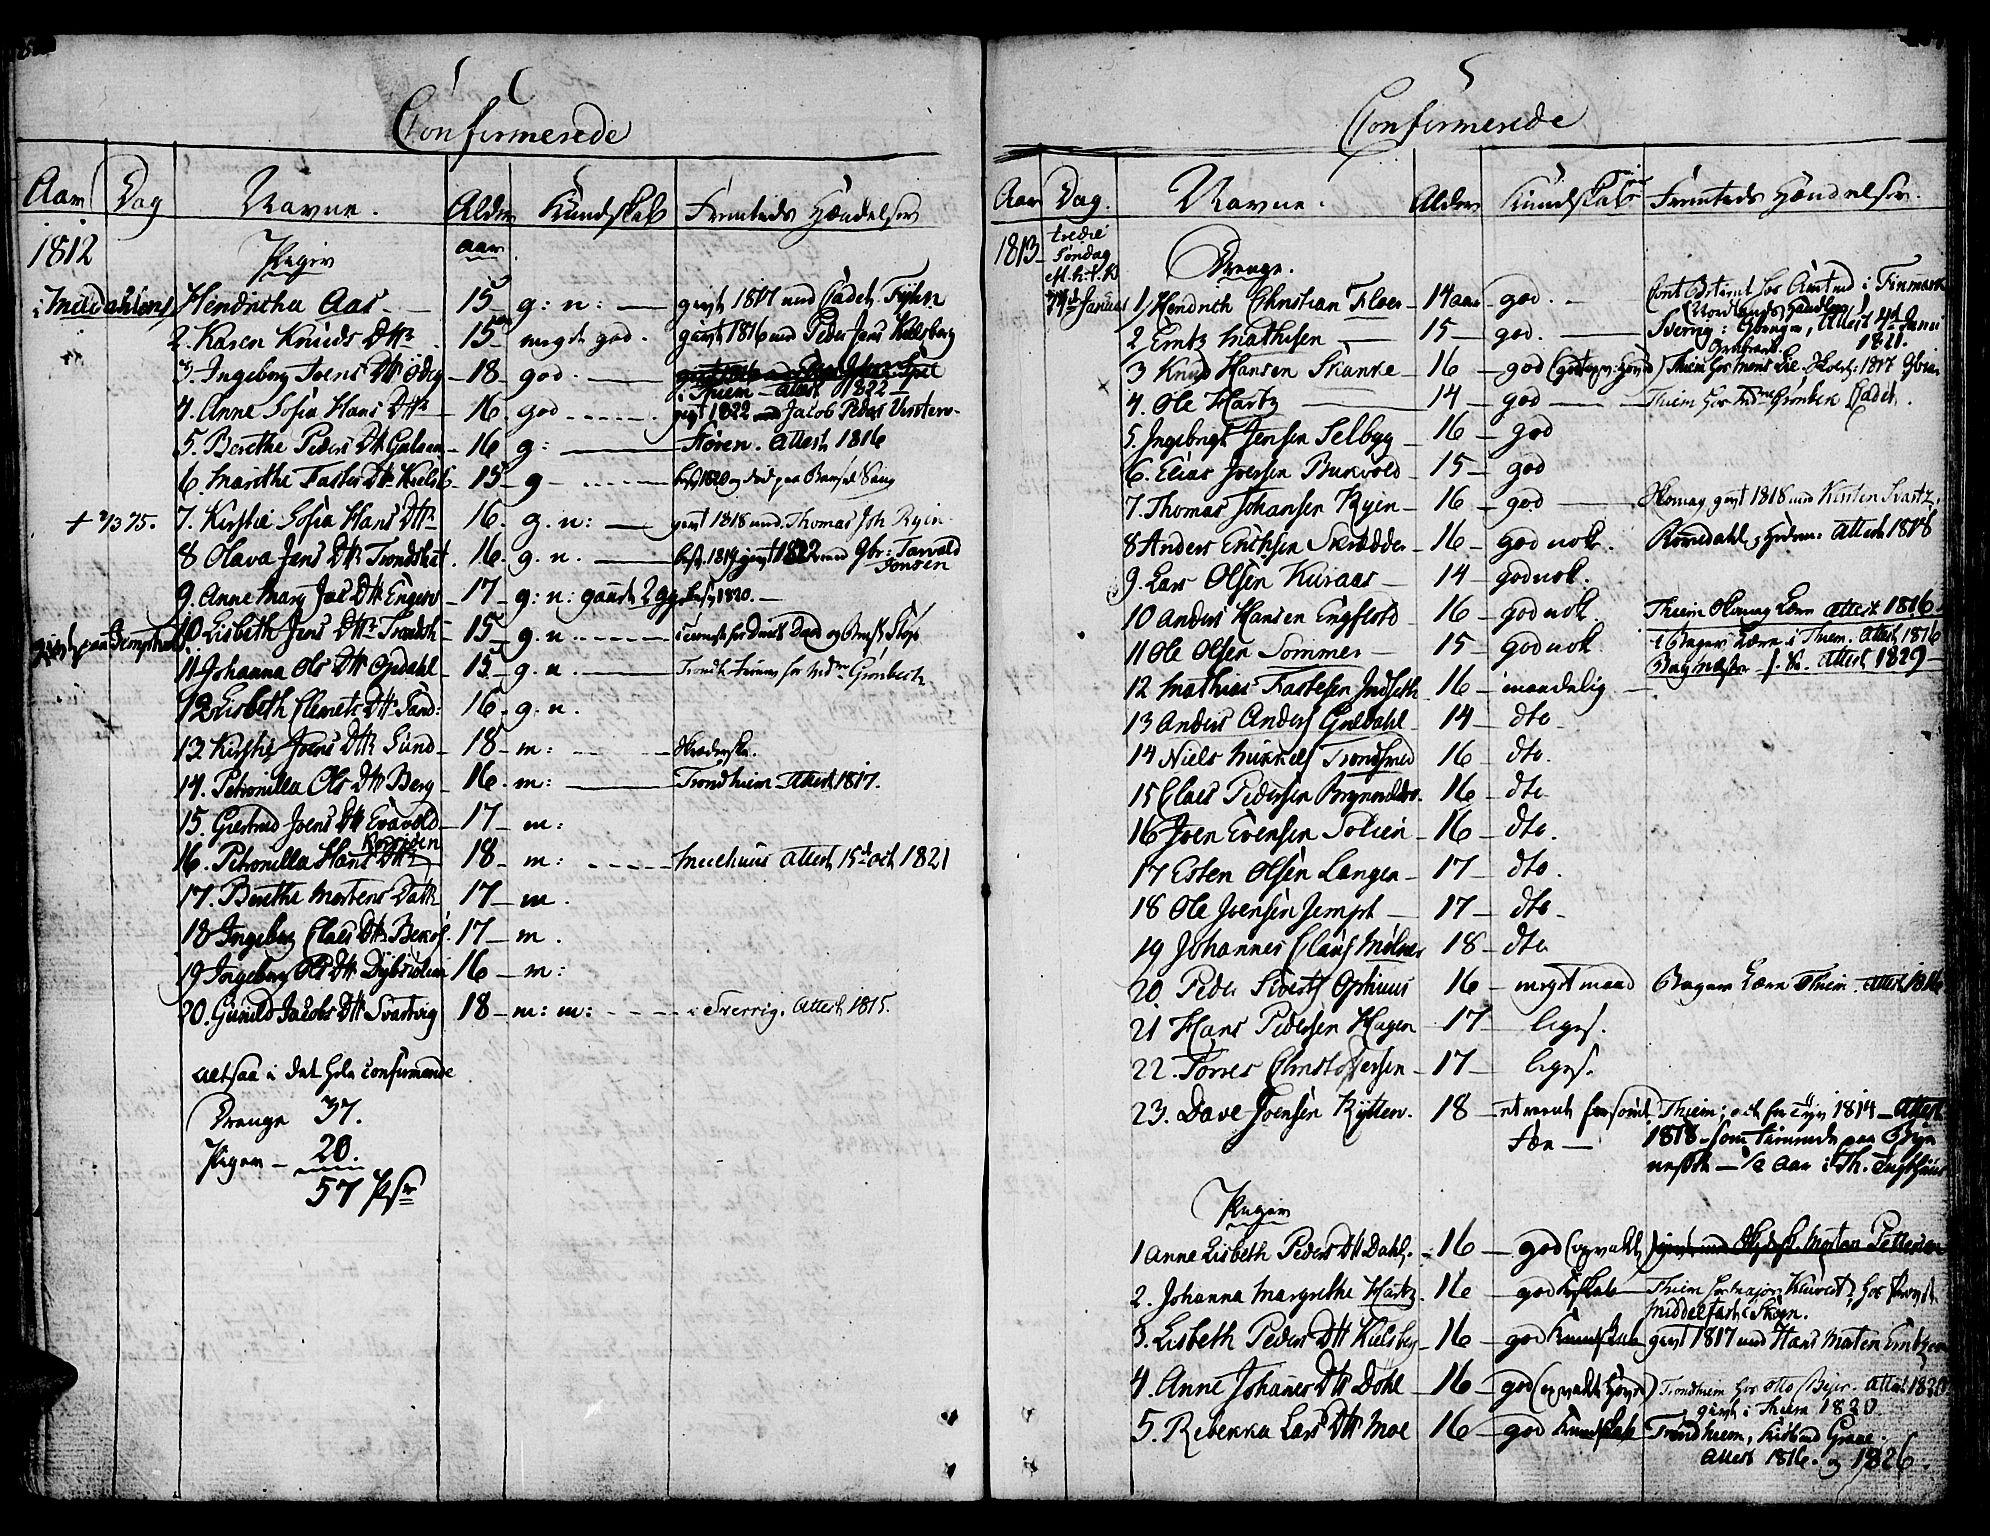 SAT, Ministerialprotokoller, klokkerbøker og fødselsregistre - Sør-Trøndelag, 681/L0928: Ministerialbok nr. 681A06, 1806-1816, s. 258-259